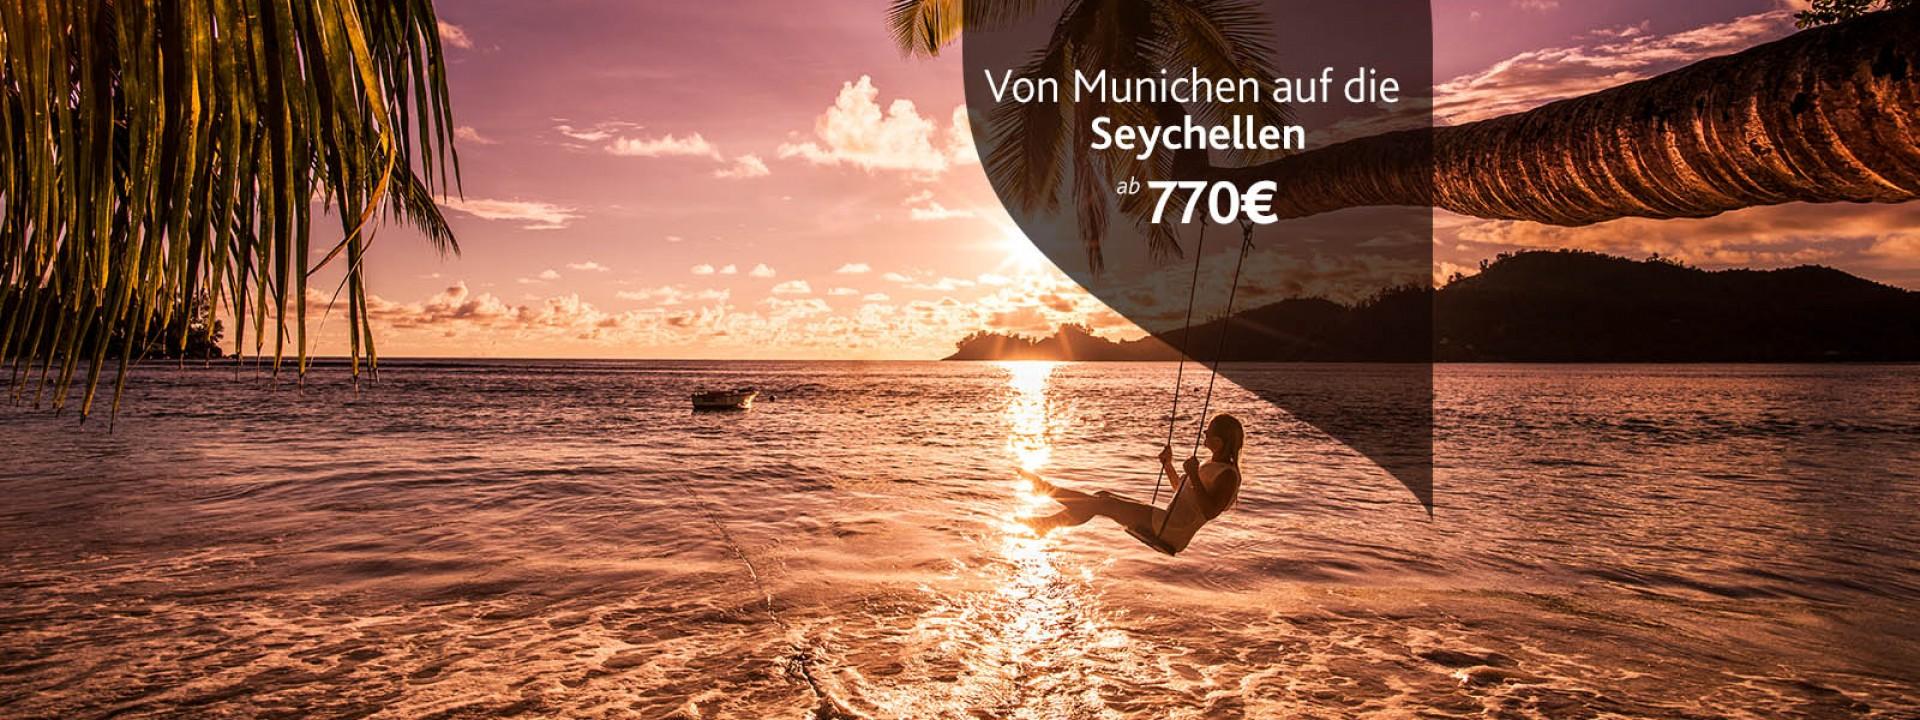 flüge-von-münchen-nach-mahe-seychellen-economy